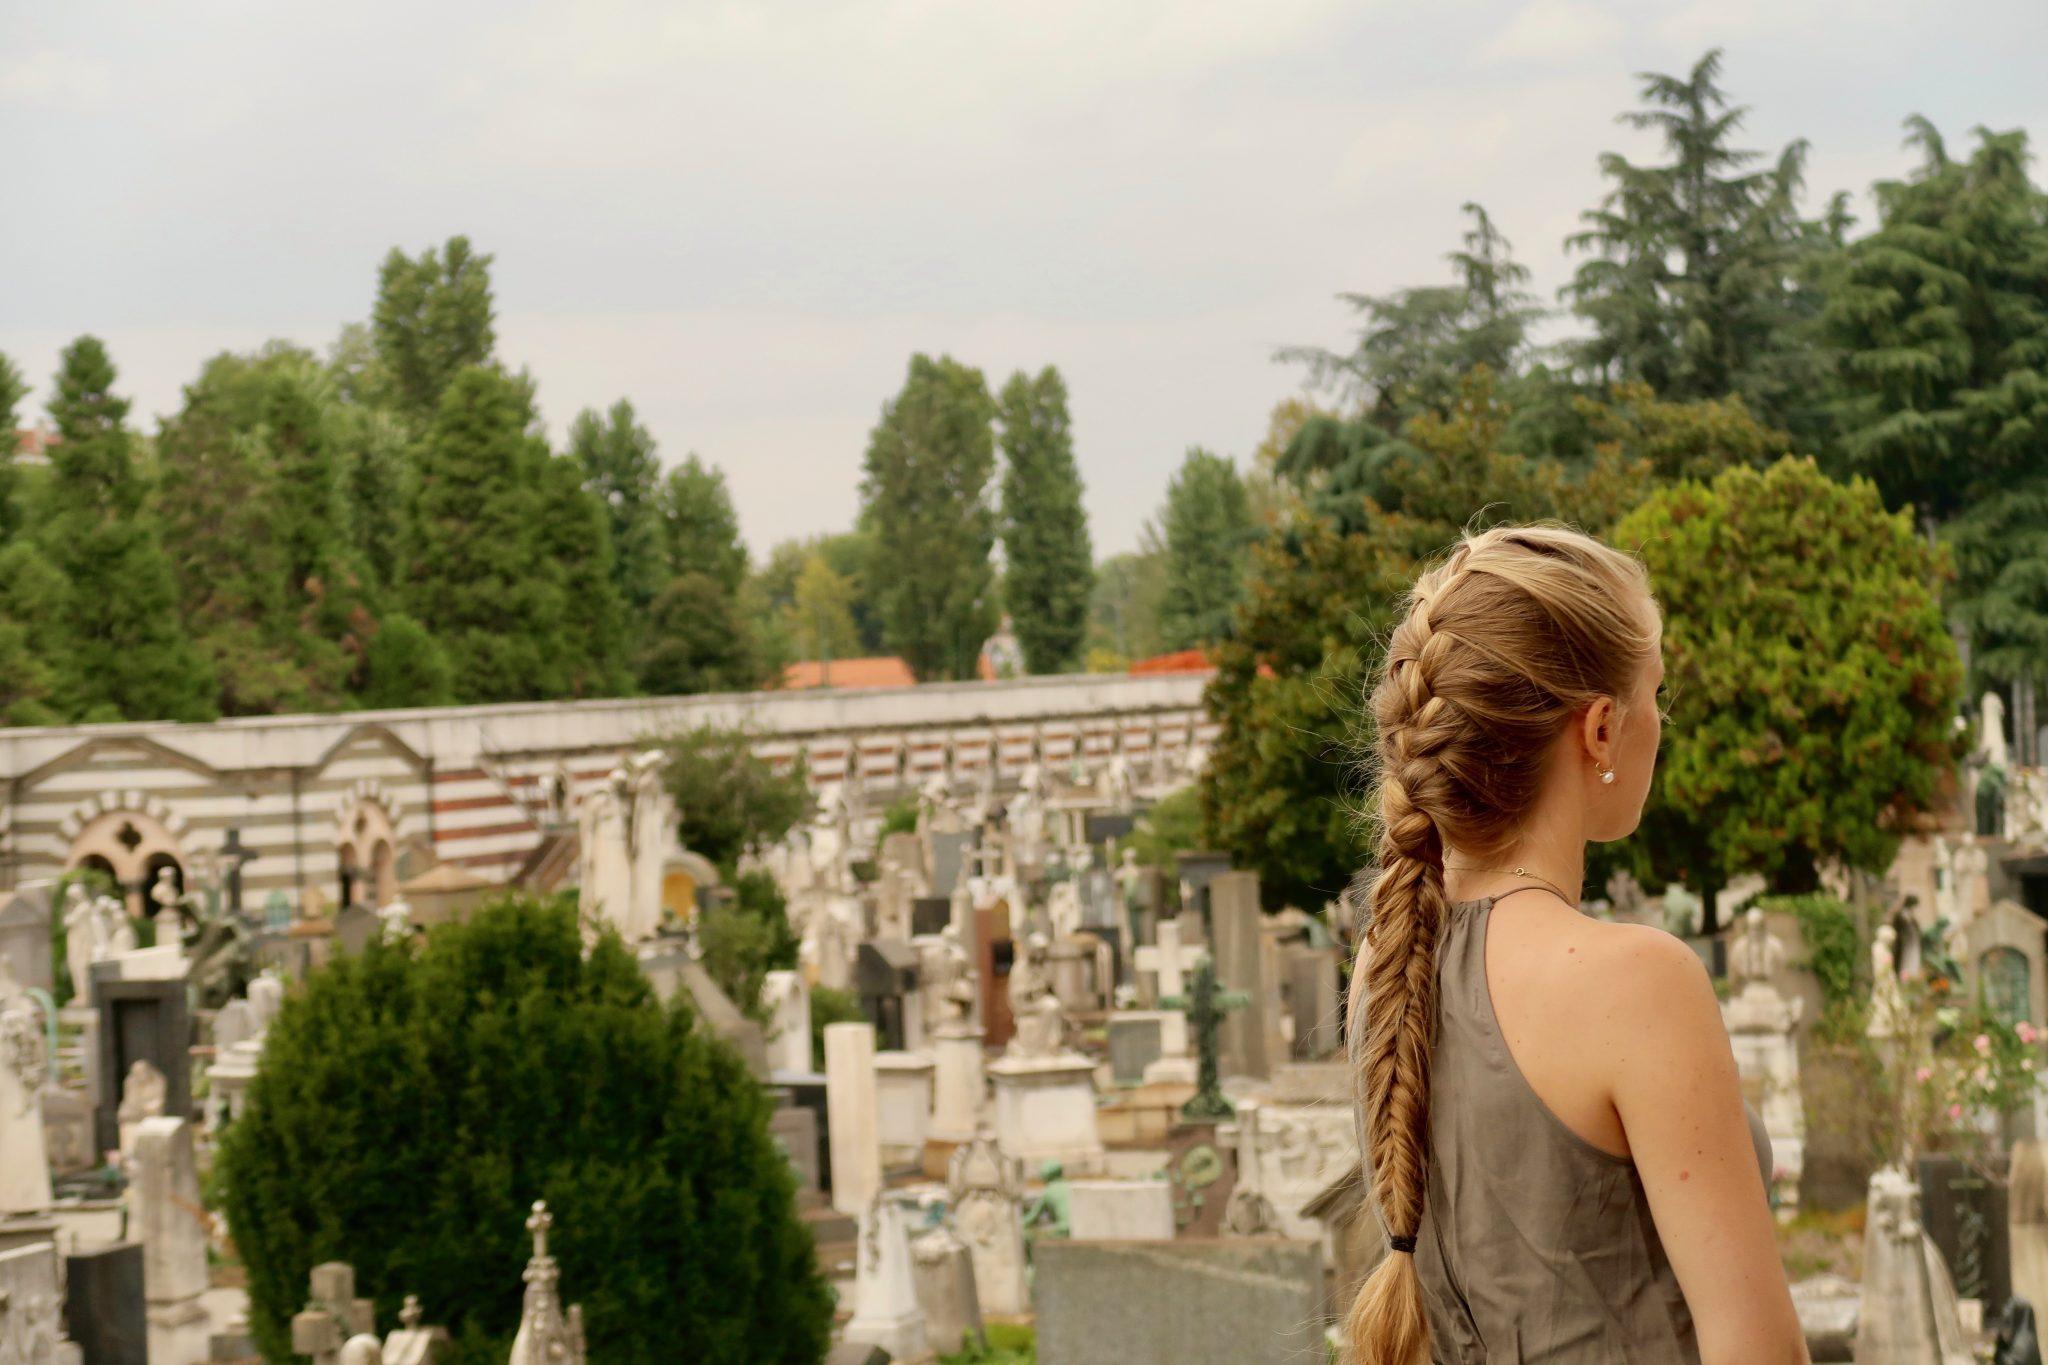 Mailand: Cimitero Monumentale (wenn du hier her kommst, sei dir bewusst, dass du auf einen sehr großen Friedhof gehst. Verhalte dich dementsprechend und ehre die Toten)